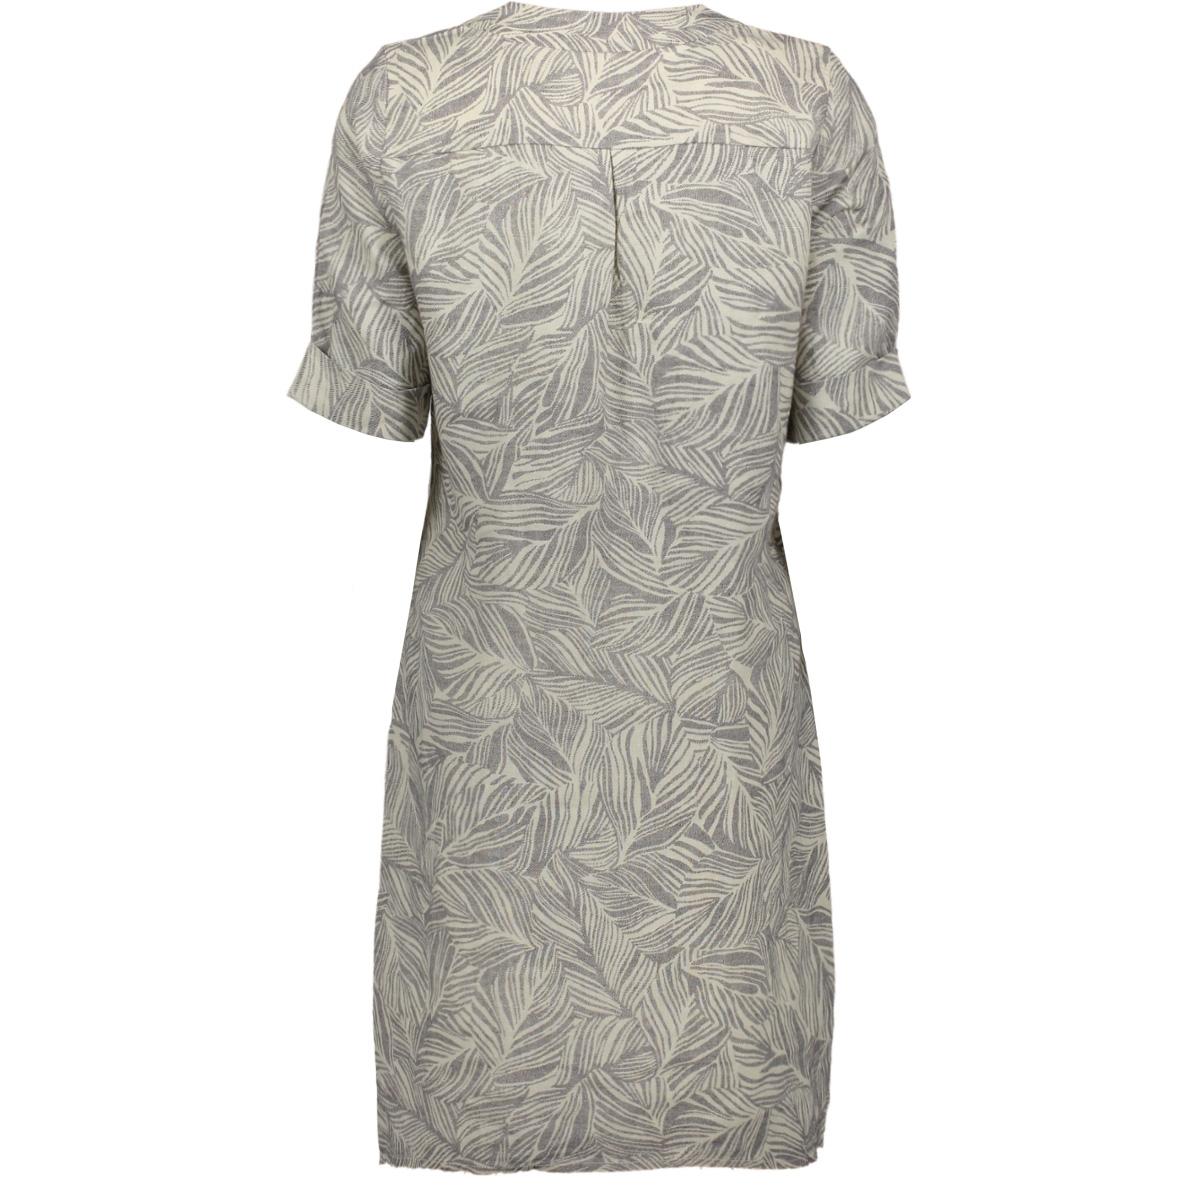 linnen jurk met organsiche print 23001682 sandwich jurk 80025